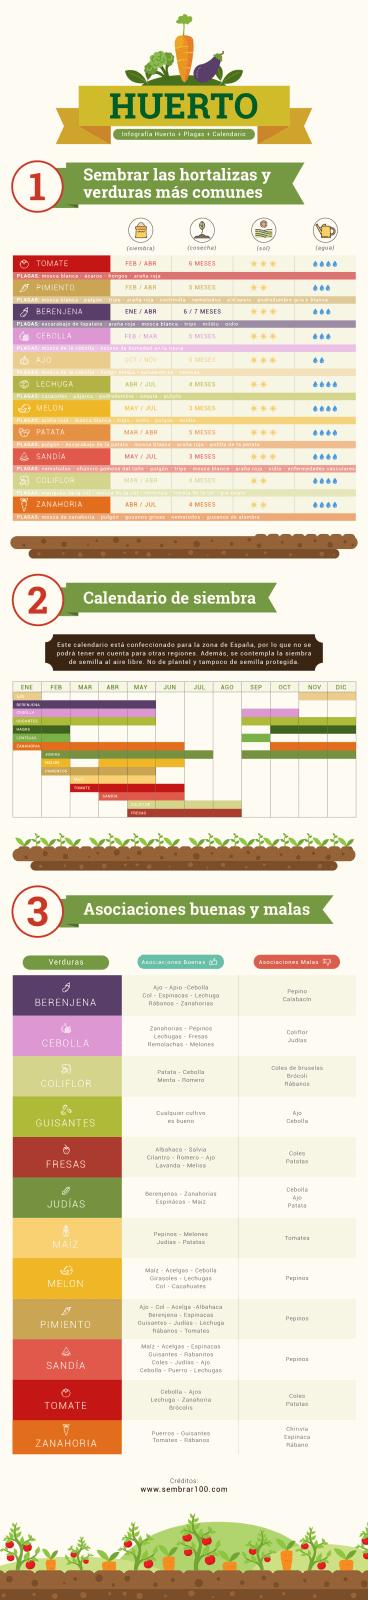 infografía huerto + plagas + calendario